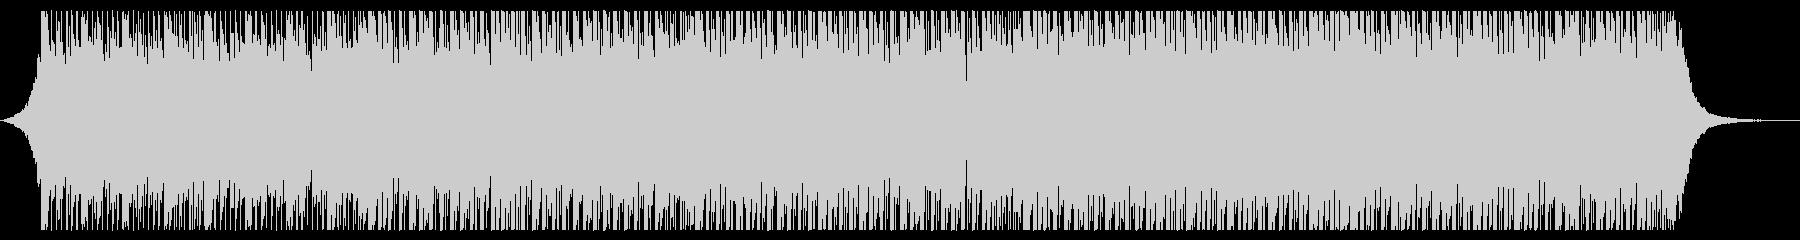 コーポレートモチベーション(中)の未再生の波形